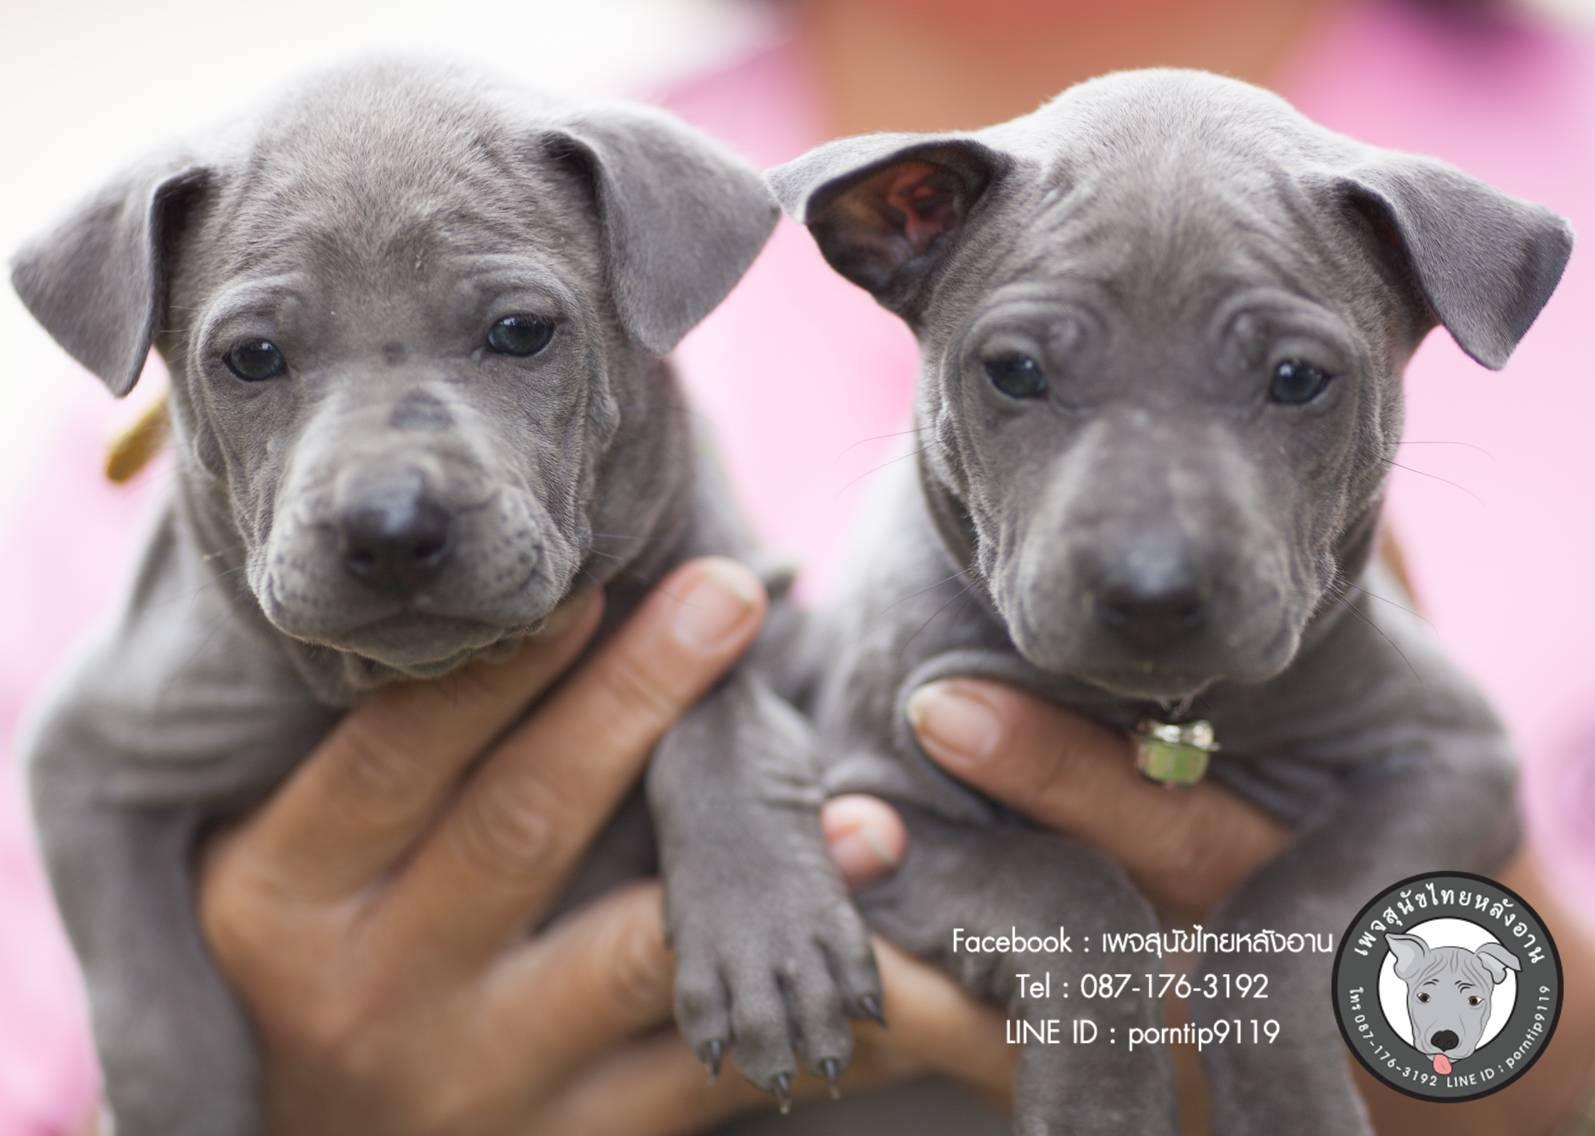 สุนัขไทยหลังอาน ขายสุนัขไทยหลังอาน   ลูกสุนัขไทยหลังอานnet-0156